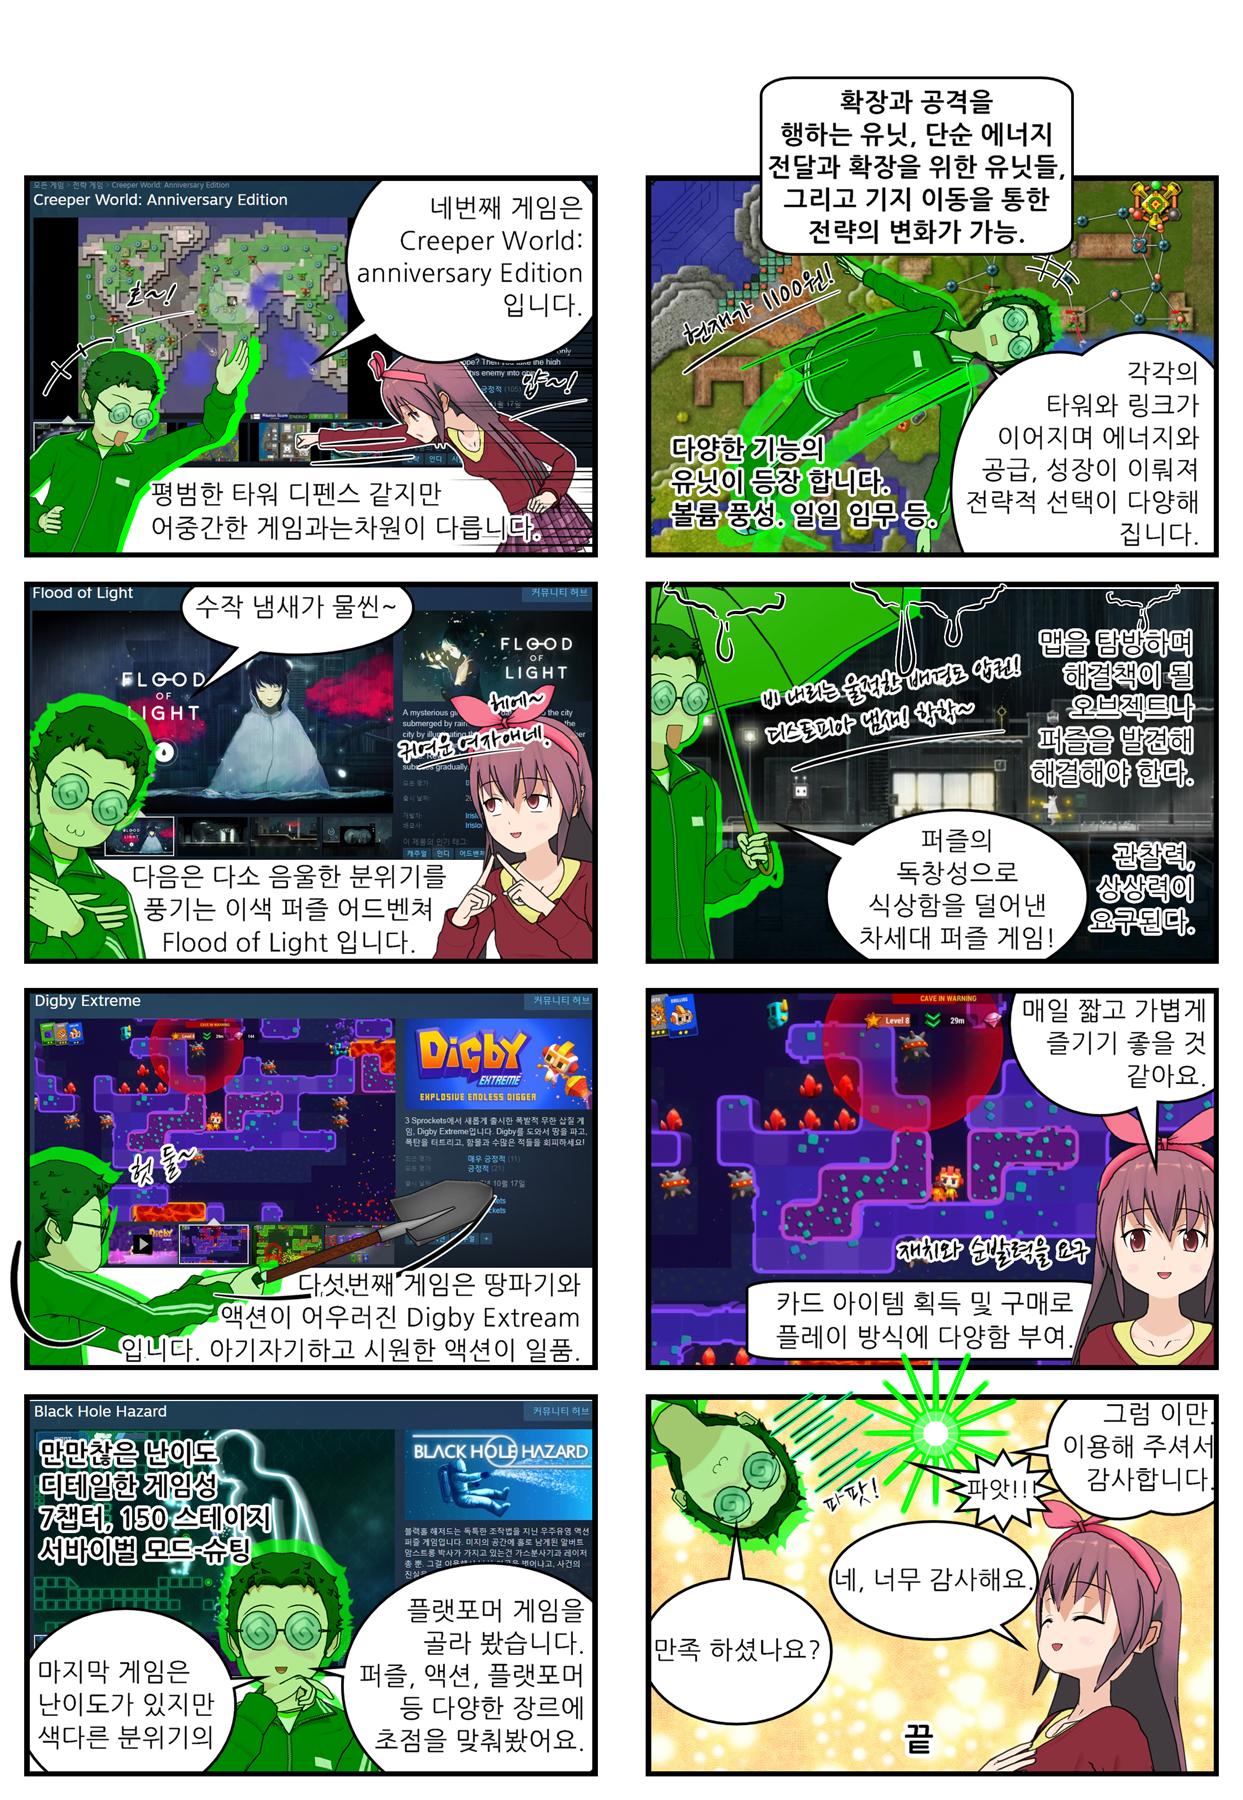 002_2 스팀 가을 세일 피날레_001.png